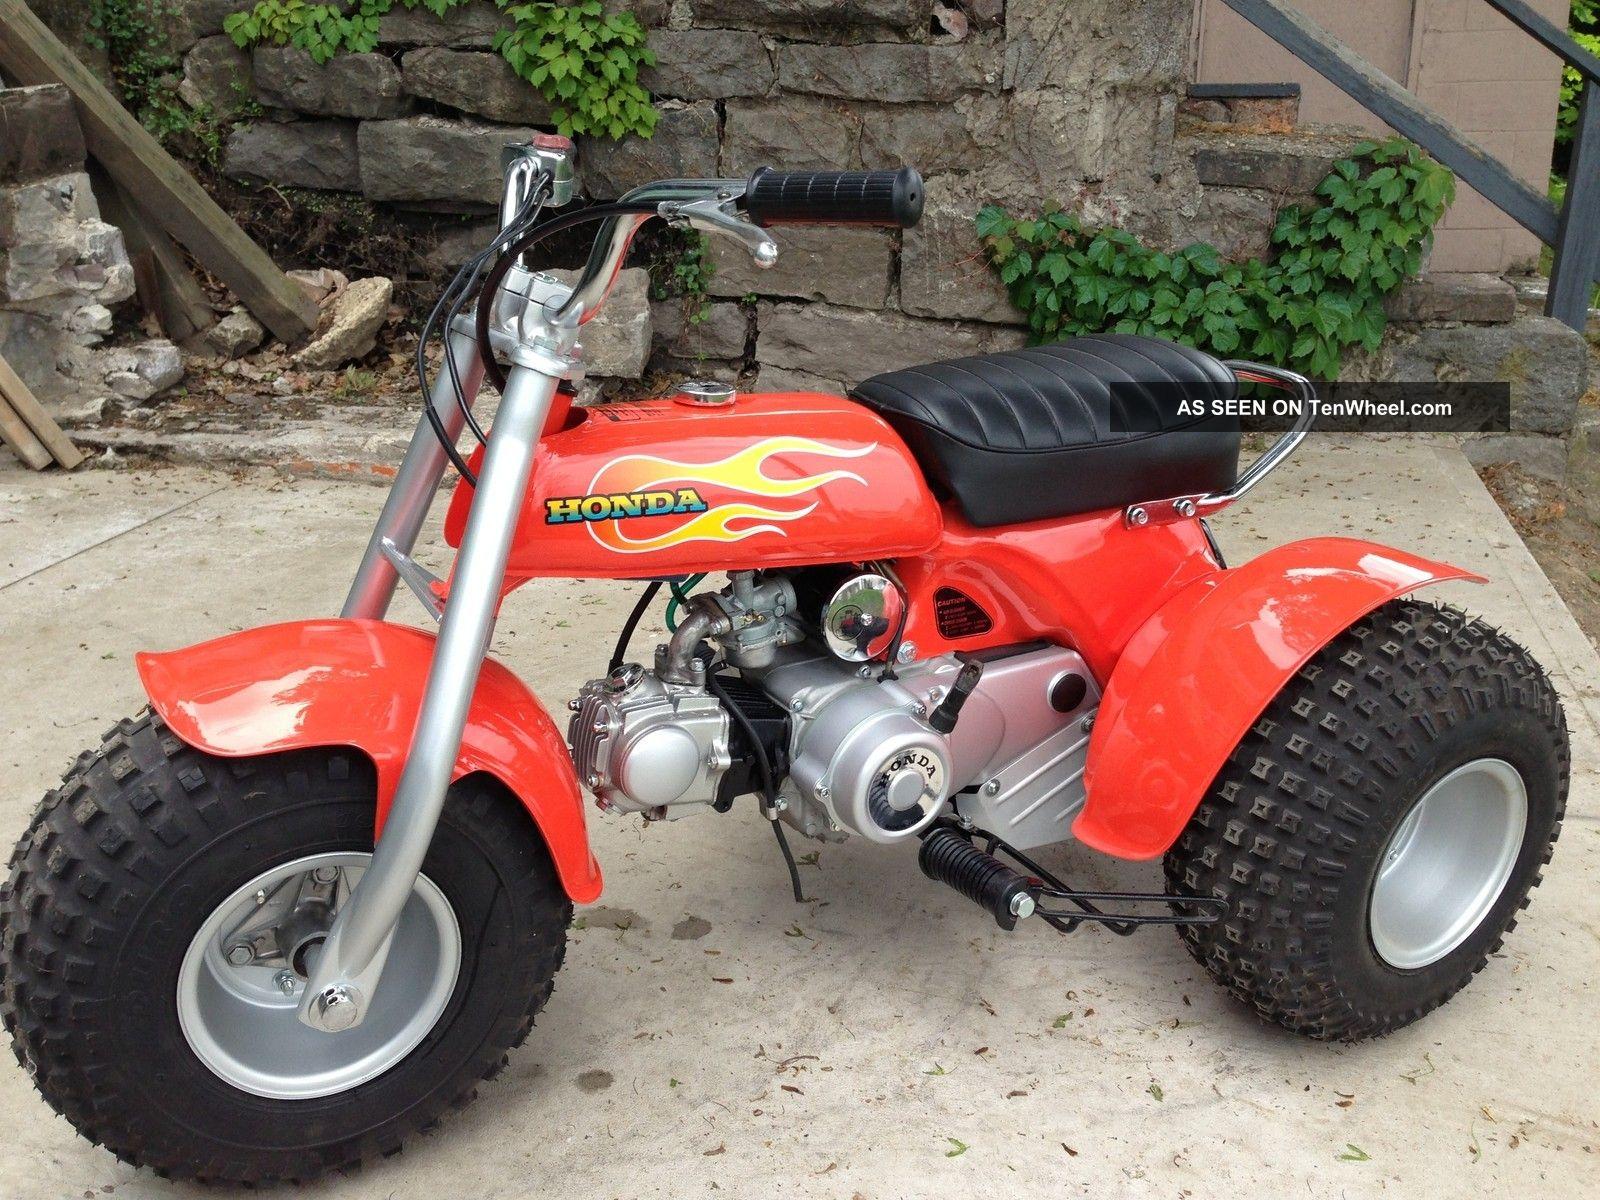 Honda Atc 70 : Honda atc